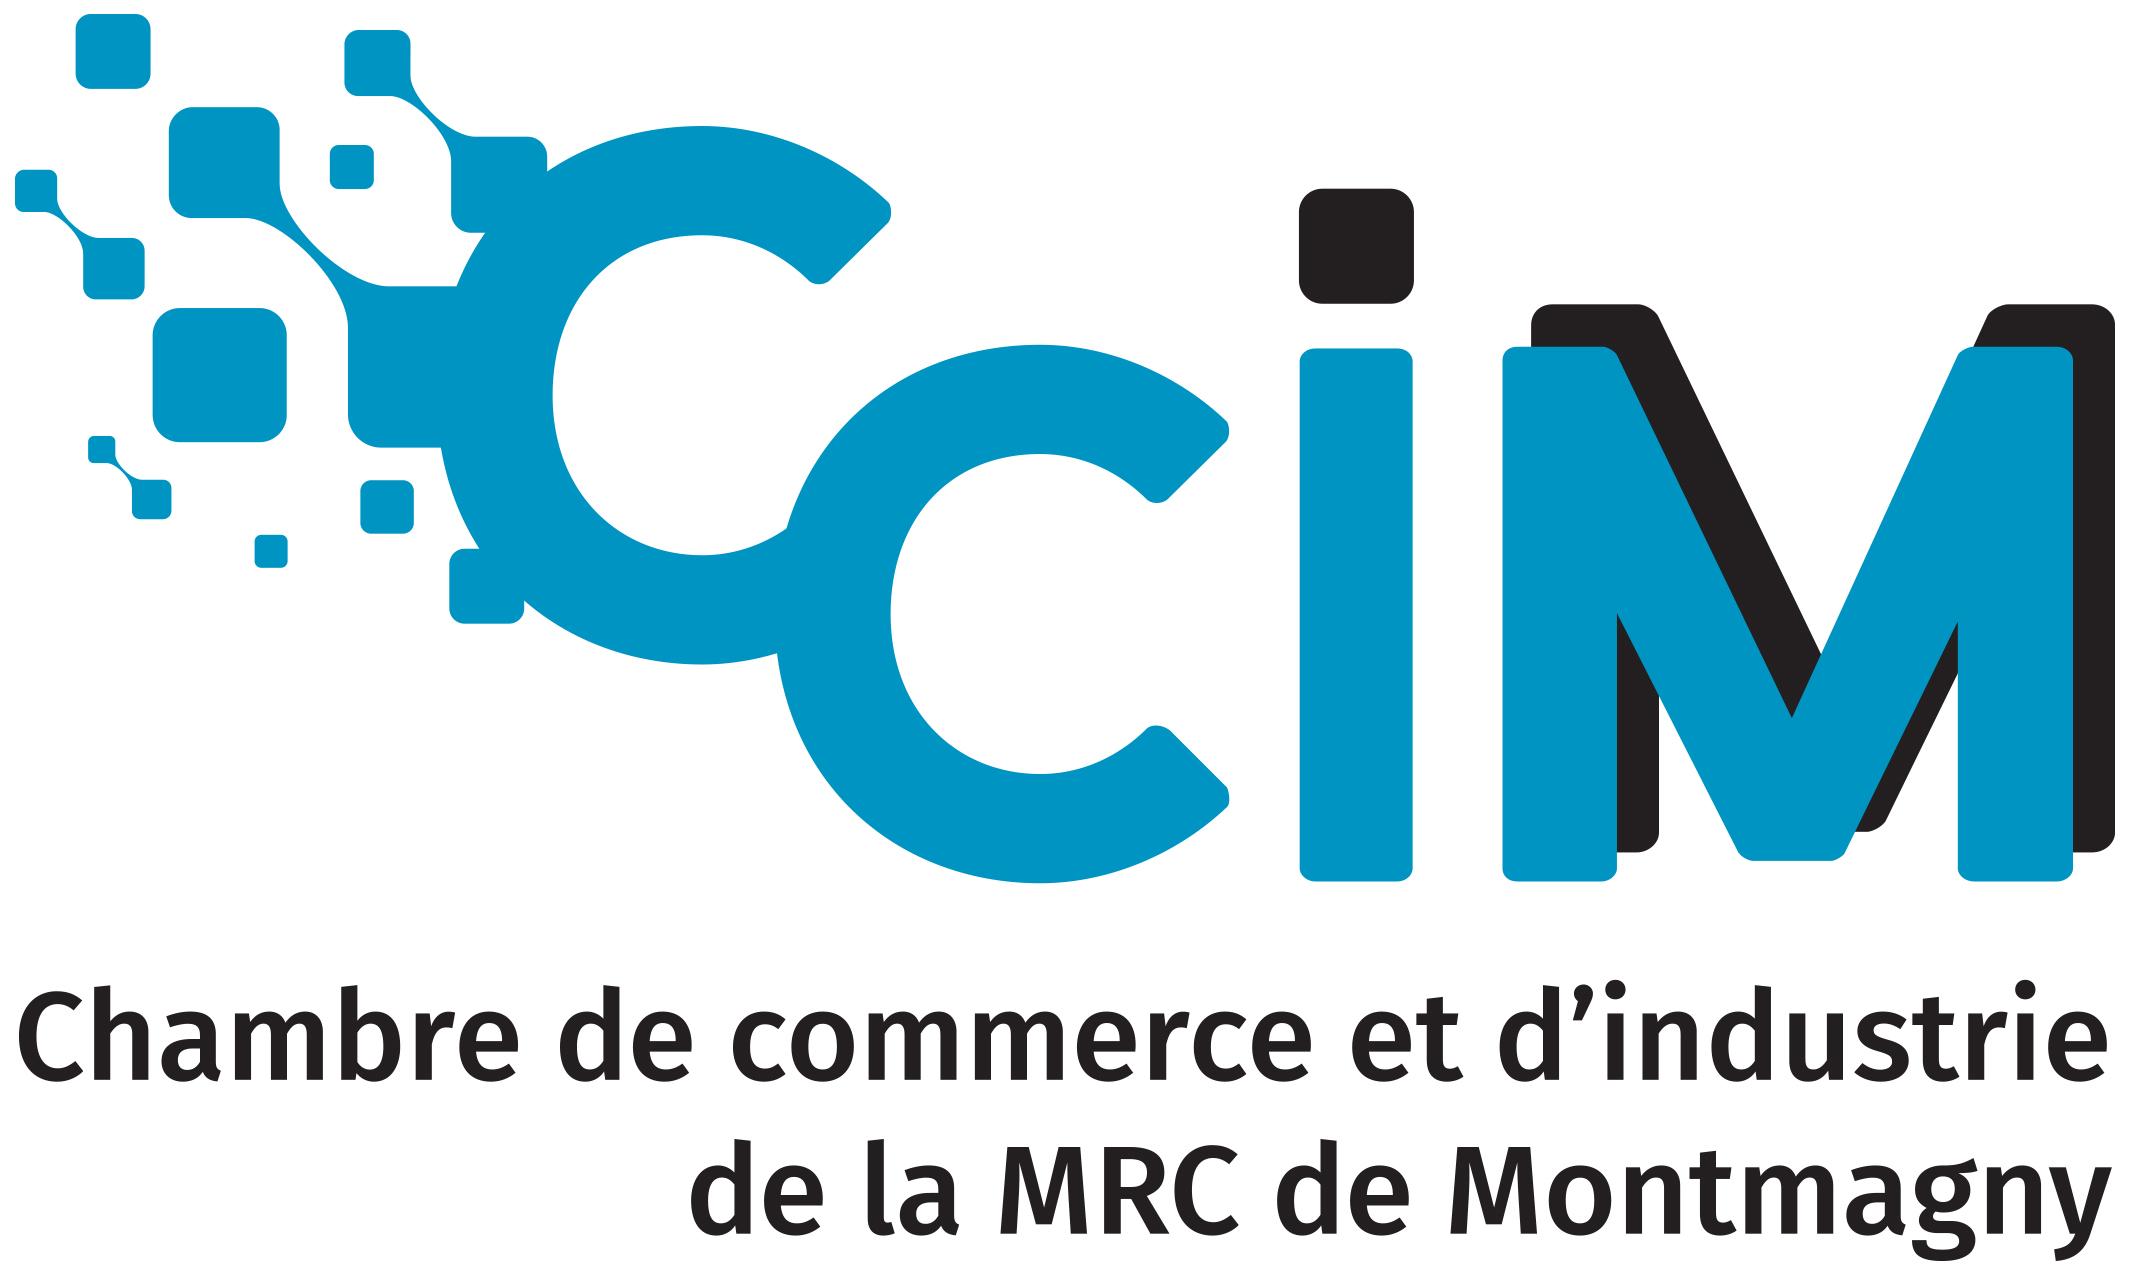 Logo Chambre de commerce et d'industrie de la MRC de Montmagny